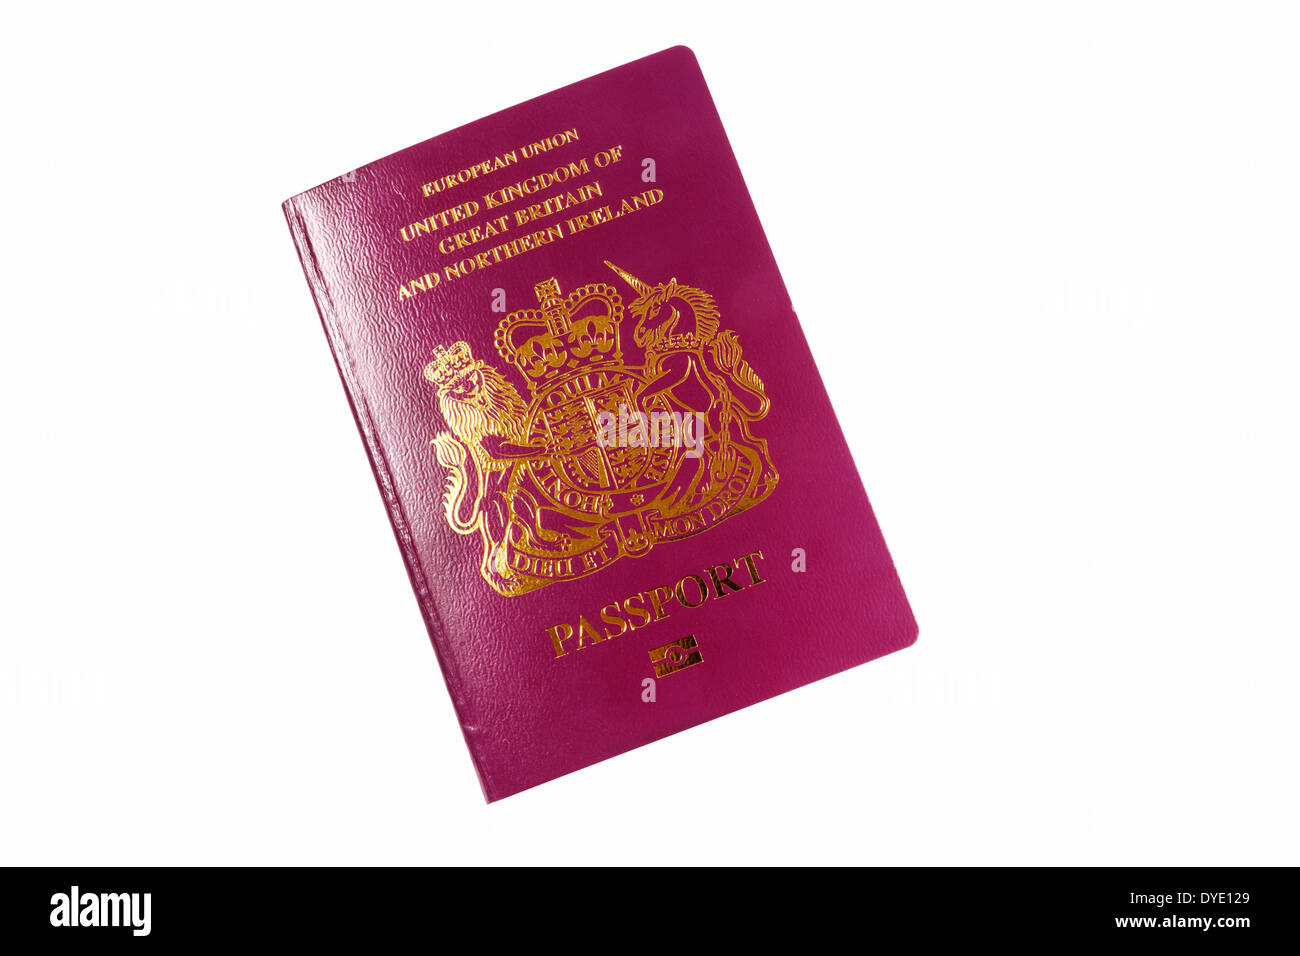 Britischer Pass, neue, vordere Abdeckung ausgeschnitten auf weißem Hintergrund, UK Stockbild